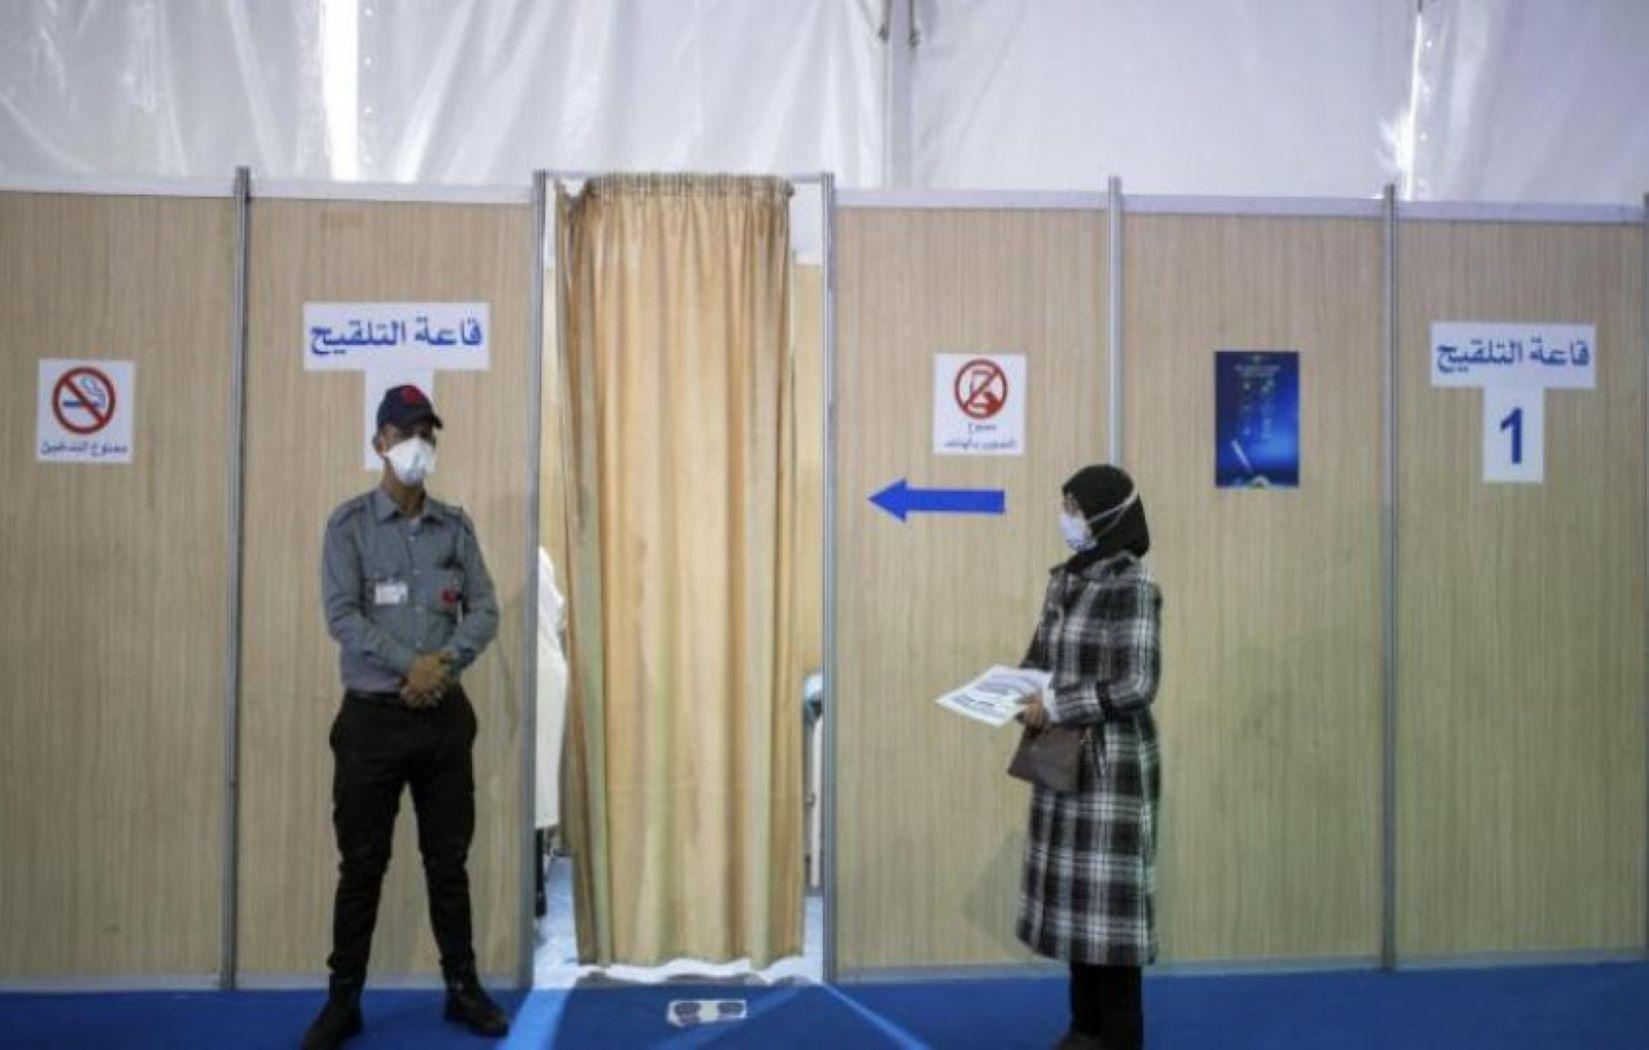 المغرب يحظر إقامة صلاة عيد الفطر بسبب الوباء